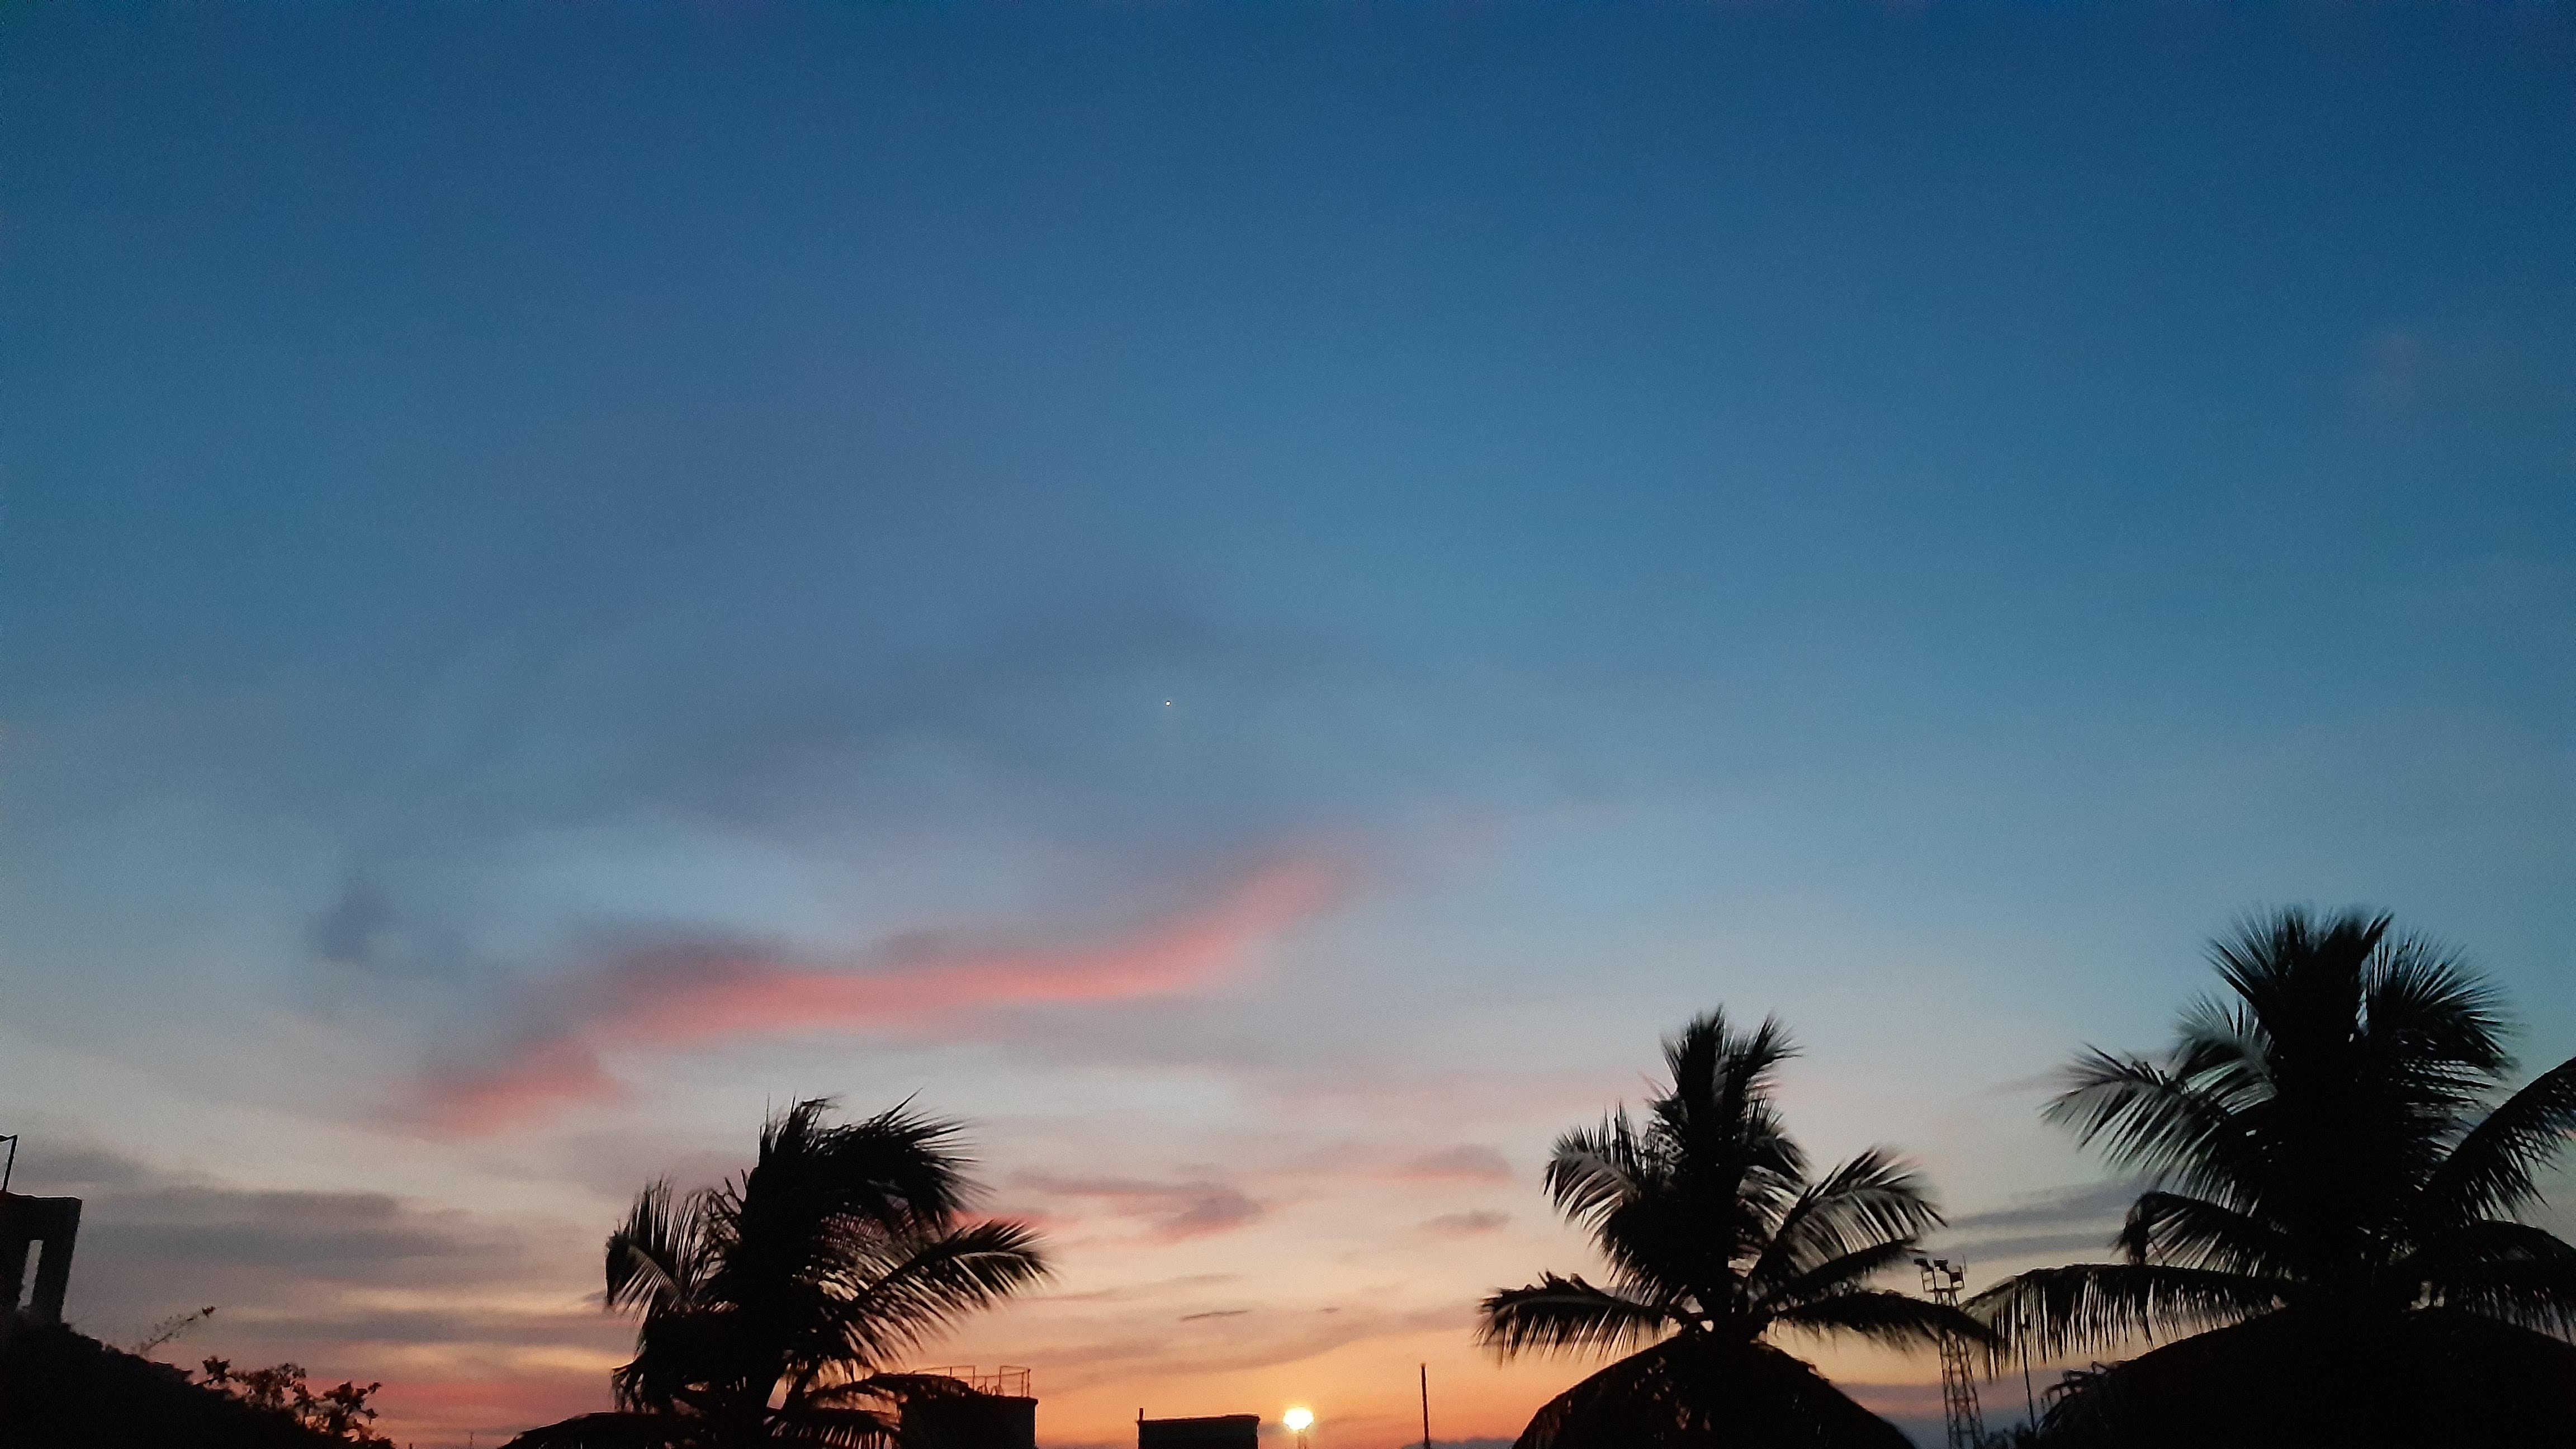 Sunset - Tiruvannamalai